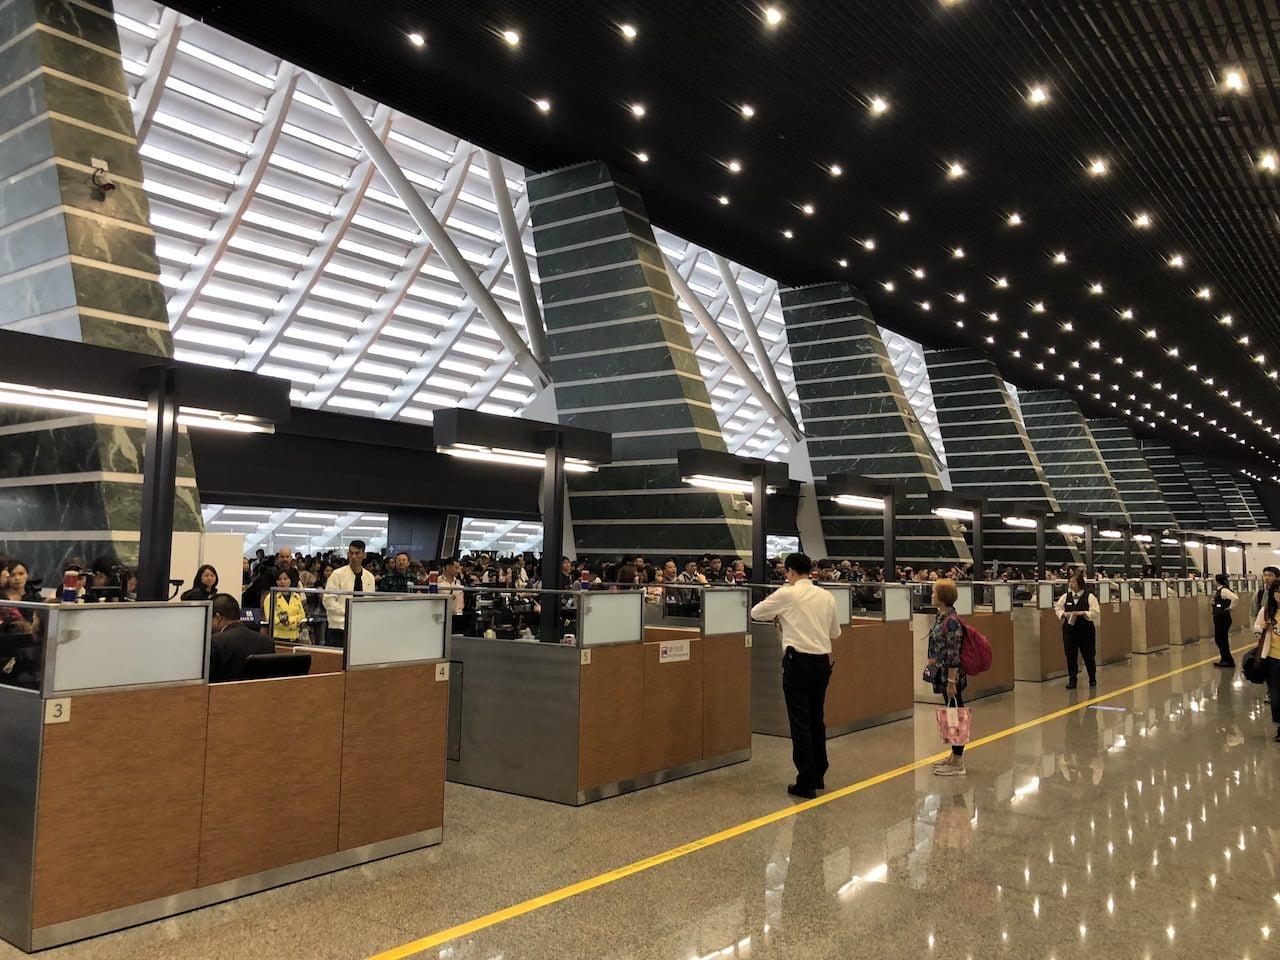 桃園空港の第一ターミナル入国審査の様子